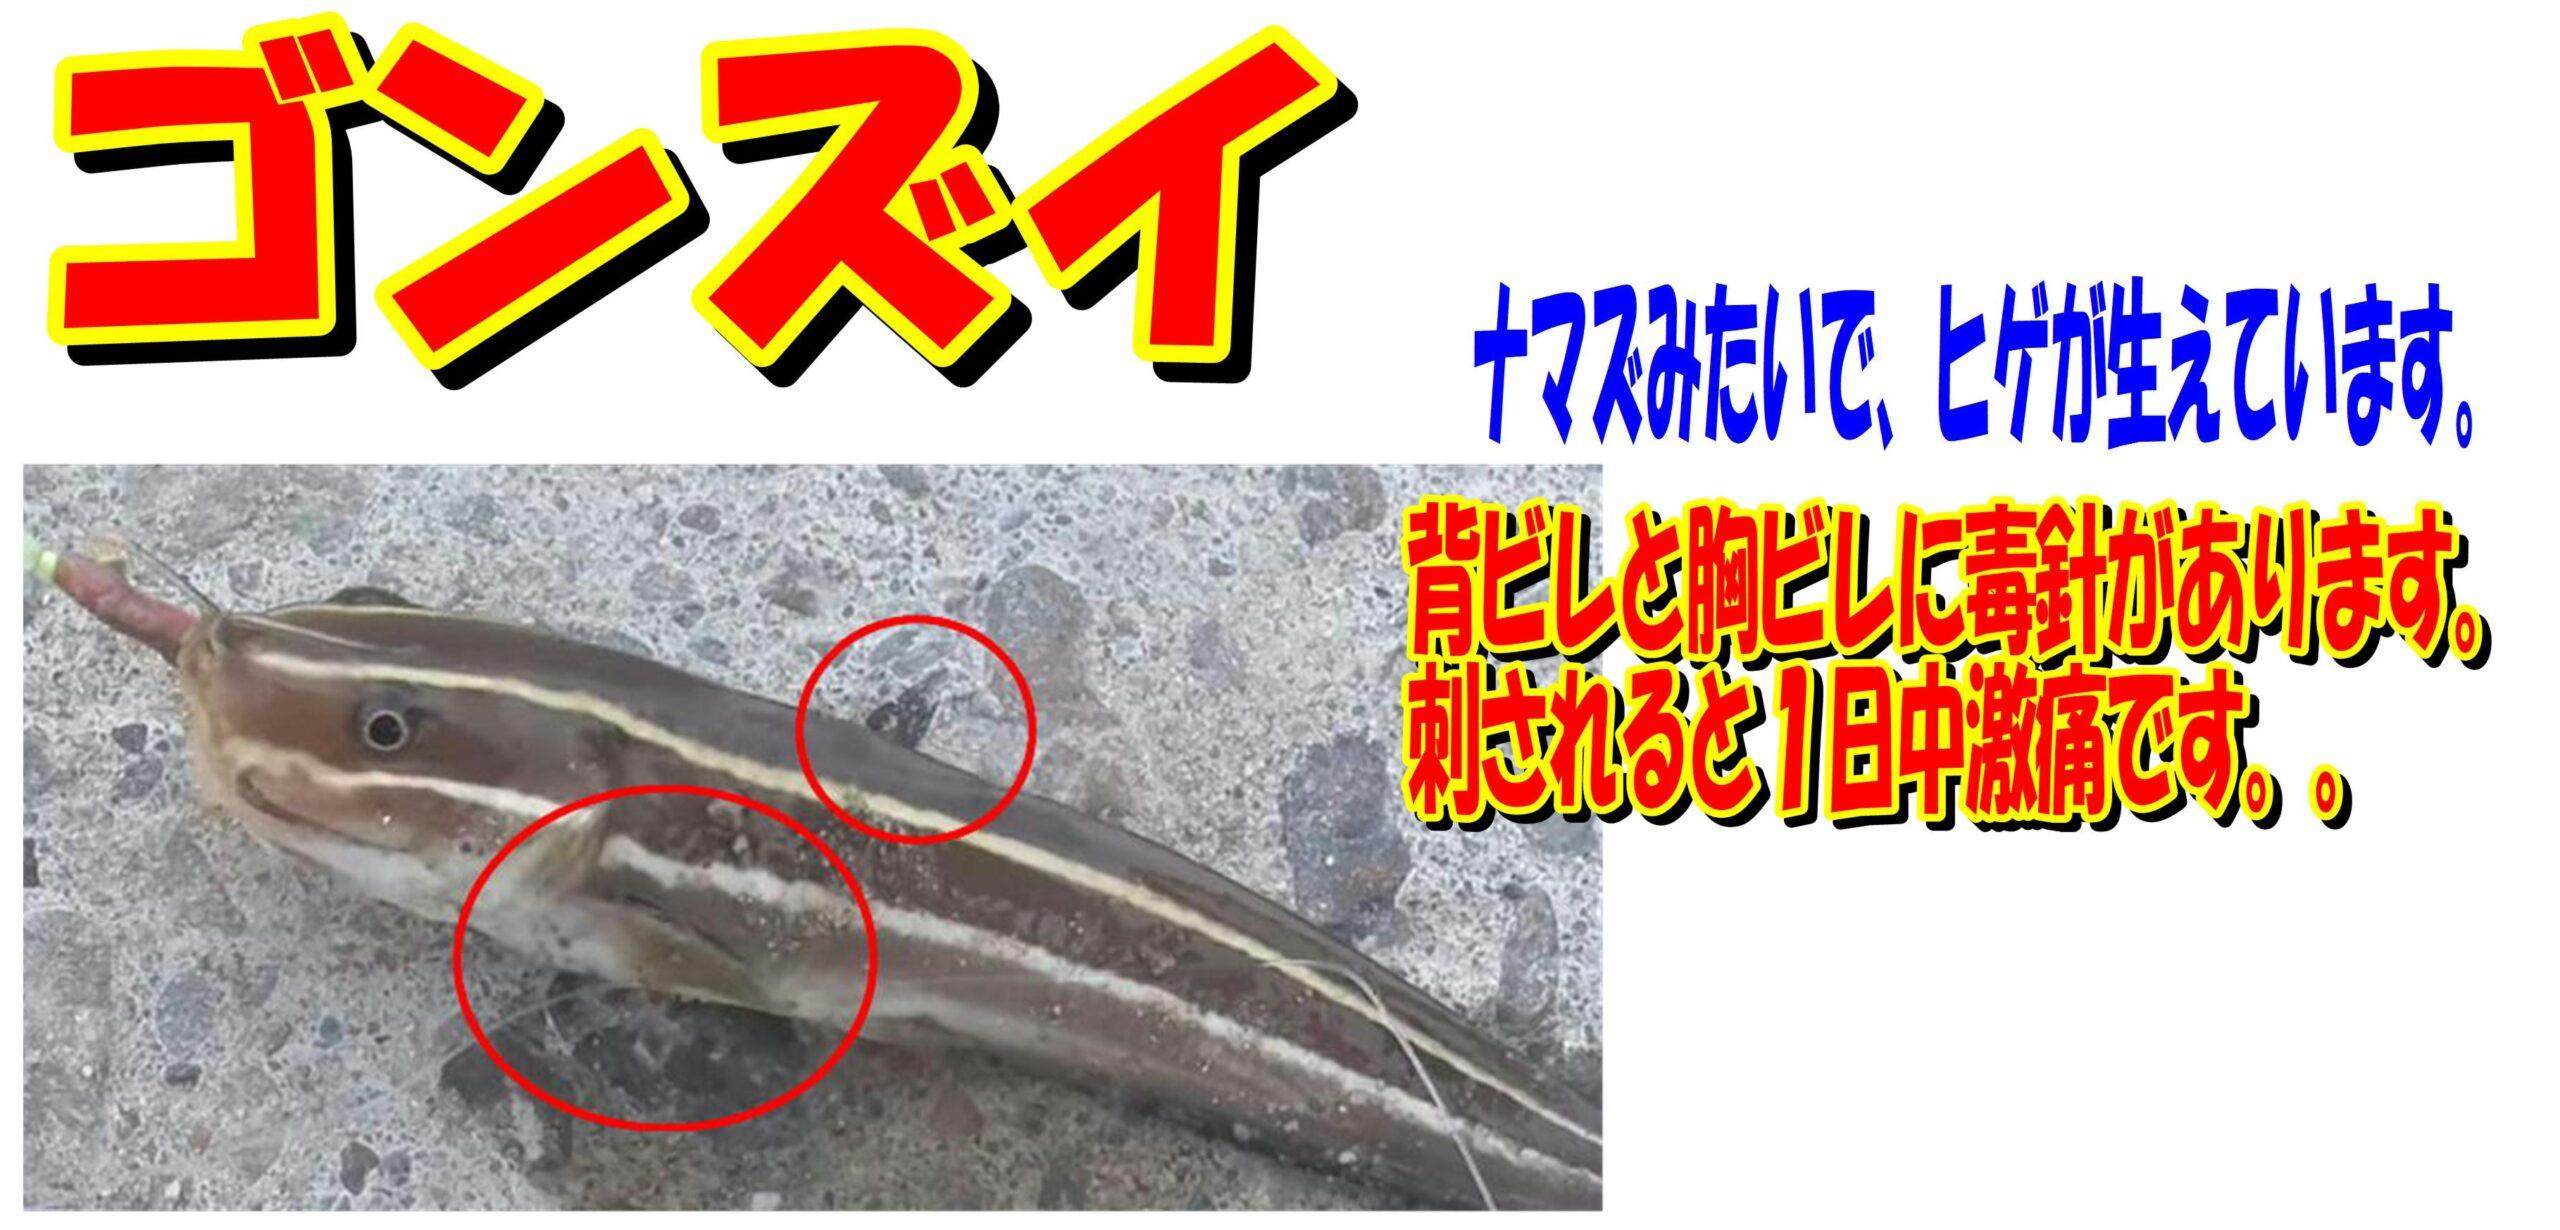 毒を持つ魚類に注意!